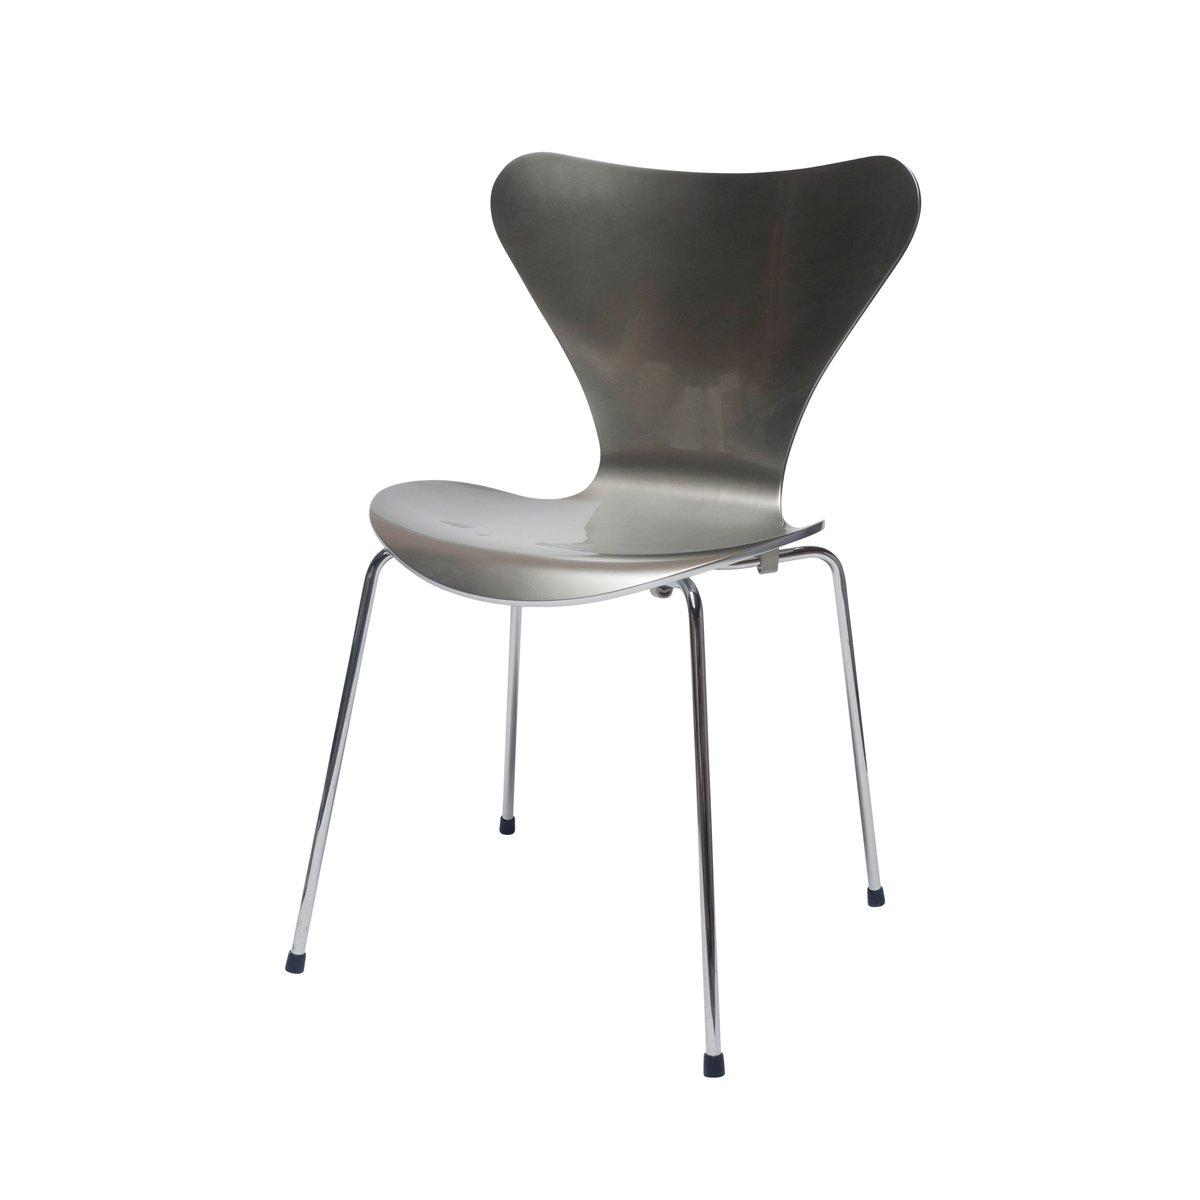 silberfarbener special edition 3107 stuhl von arne jacobsen f r fritz hansen bei pamono kaufen. Black Bedroom Furniture Sets. Home Design Ideas